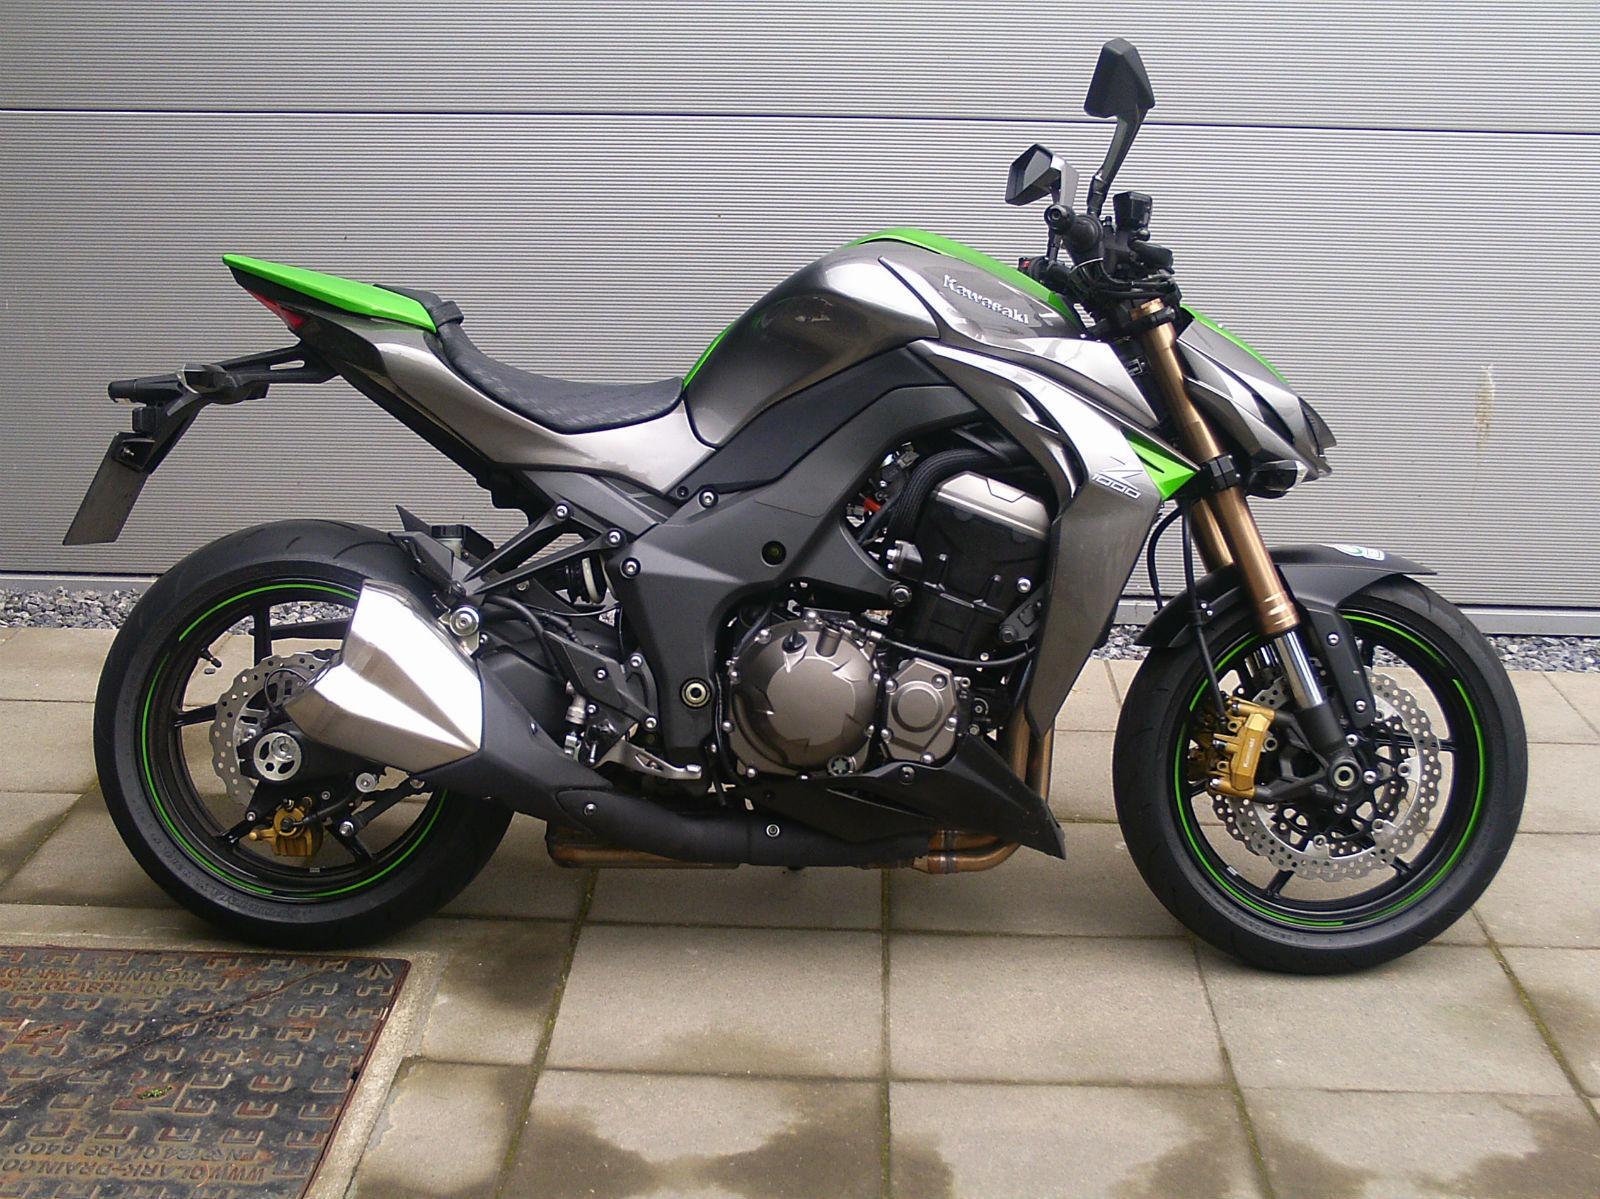 Kawasaki Z1000 2014 Models In Stock